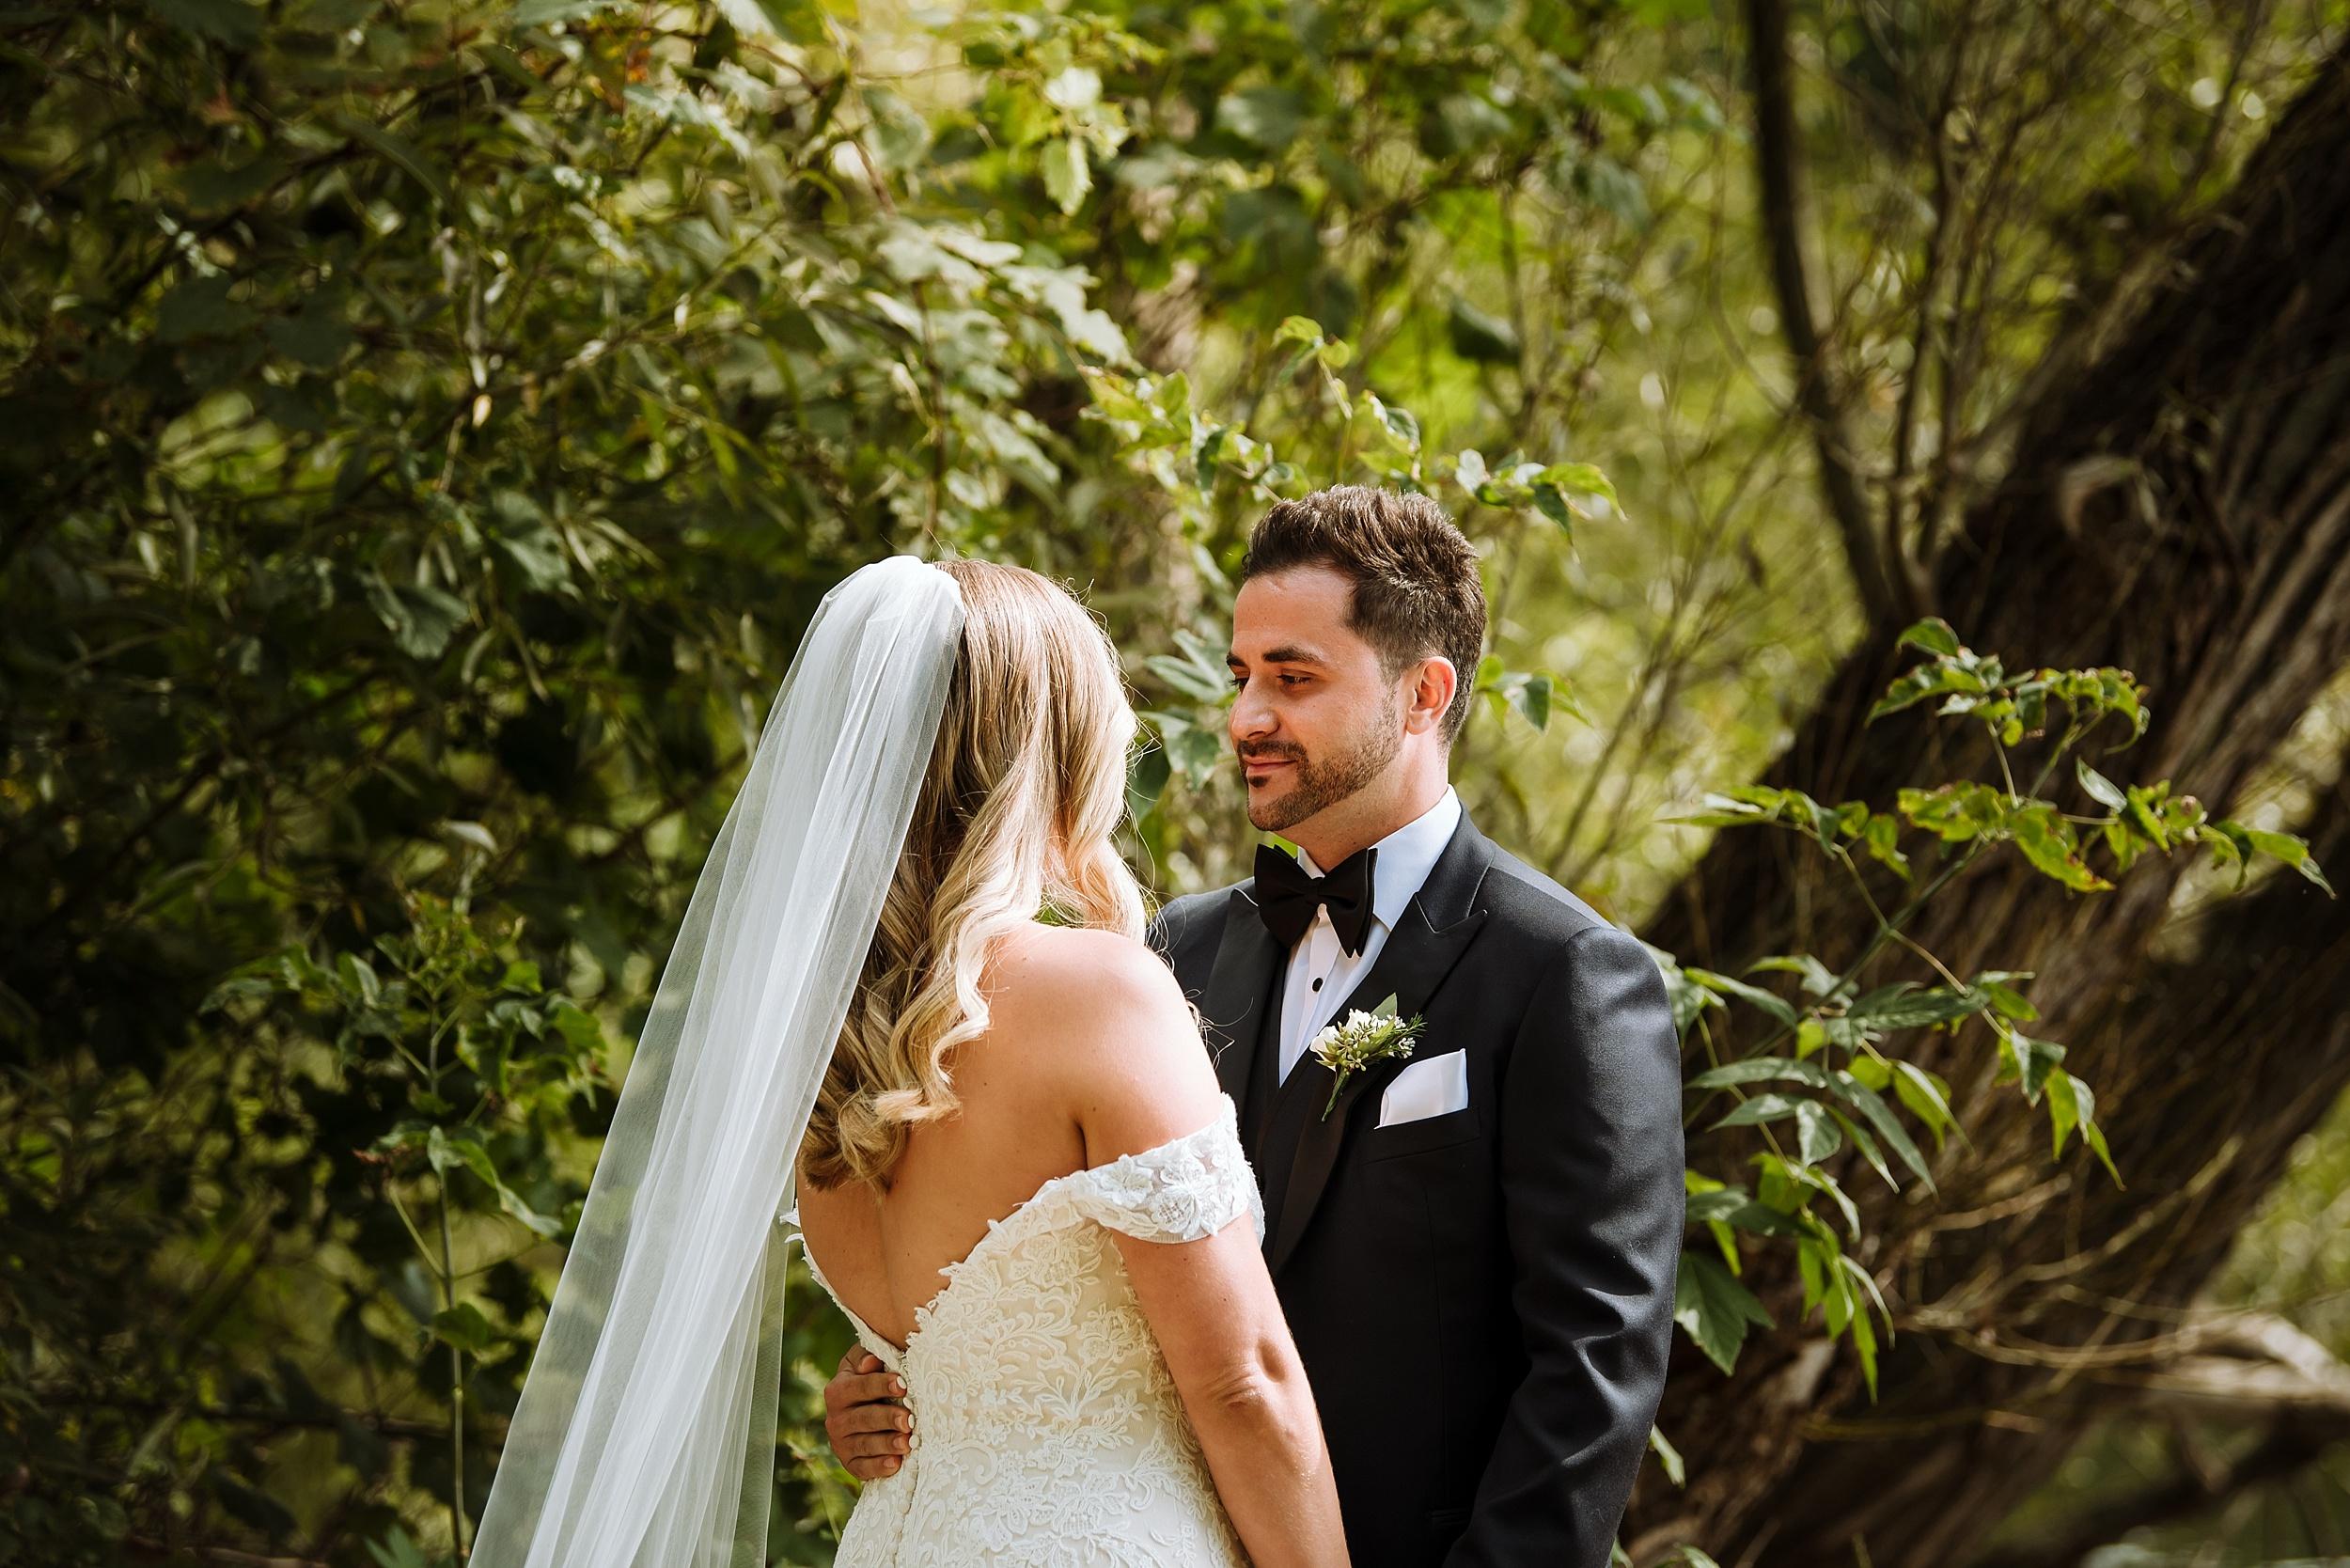 Rustic_Backyard_Wedding_Toronto_Photographer037.jpg